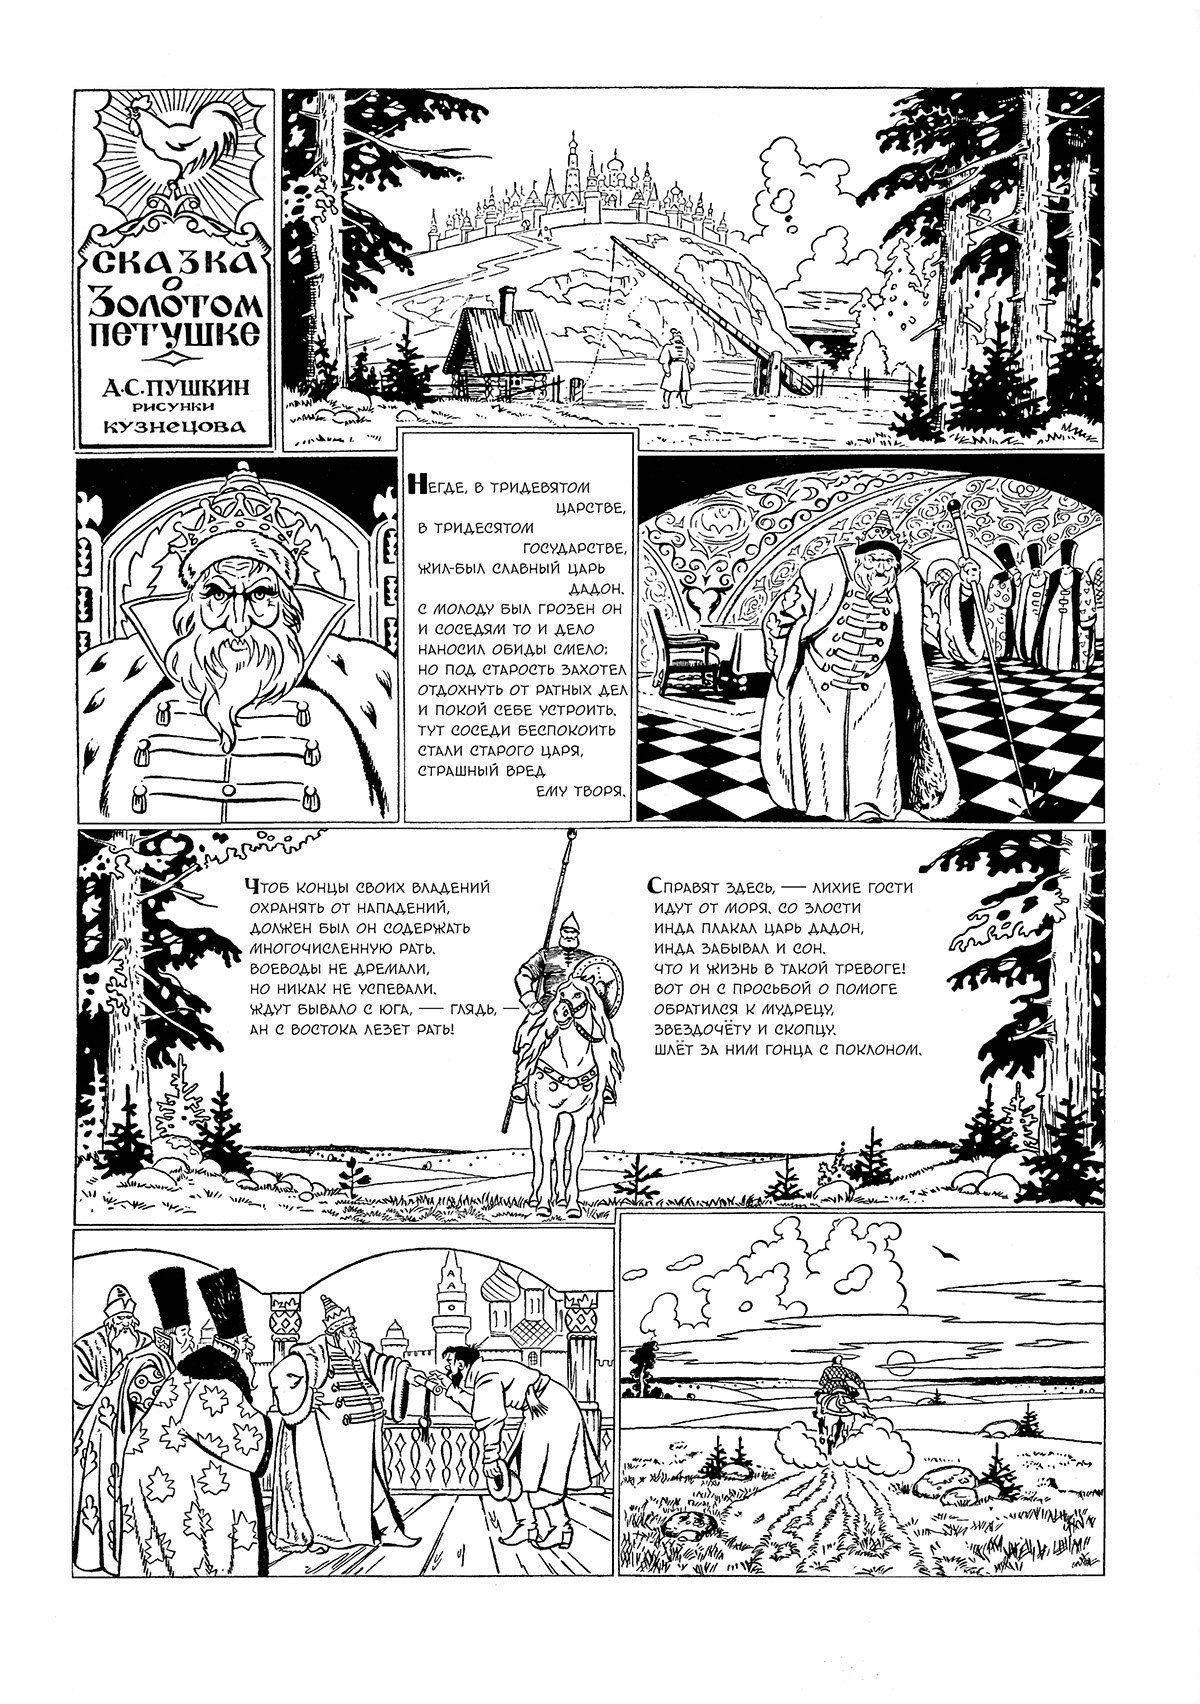 """Комикс """"Сказка о золотом петушке"""" - Stone Forest"""